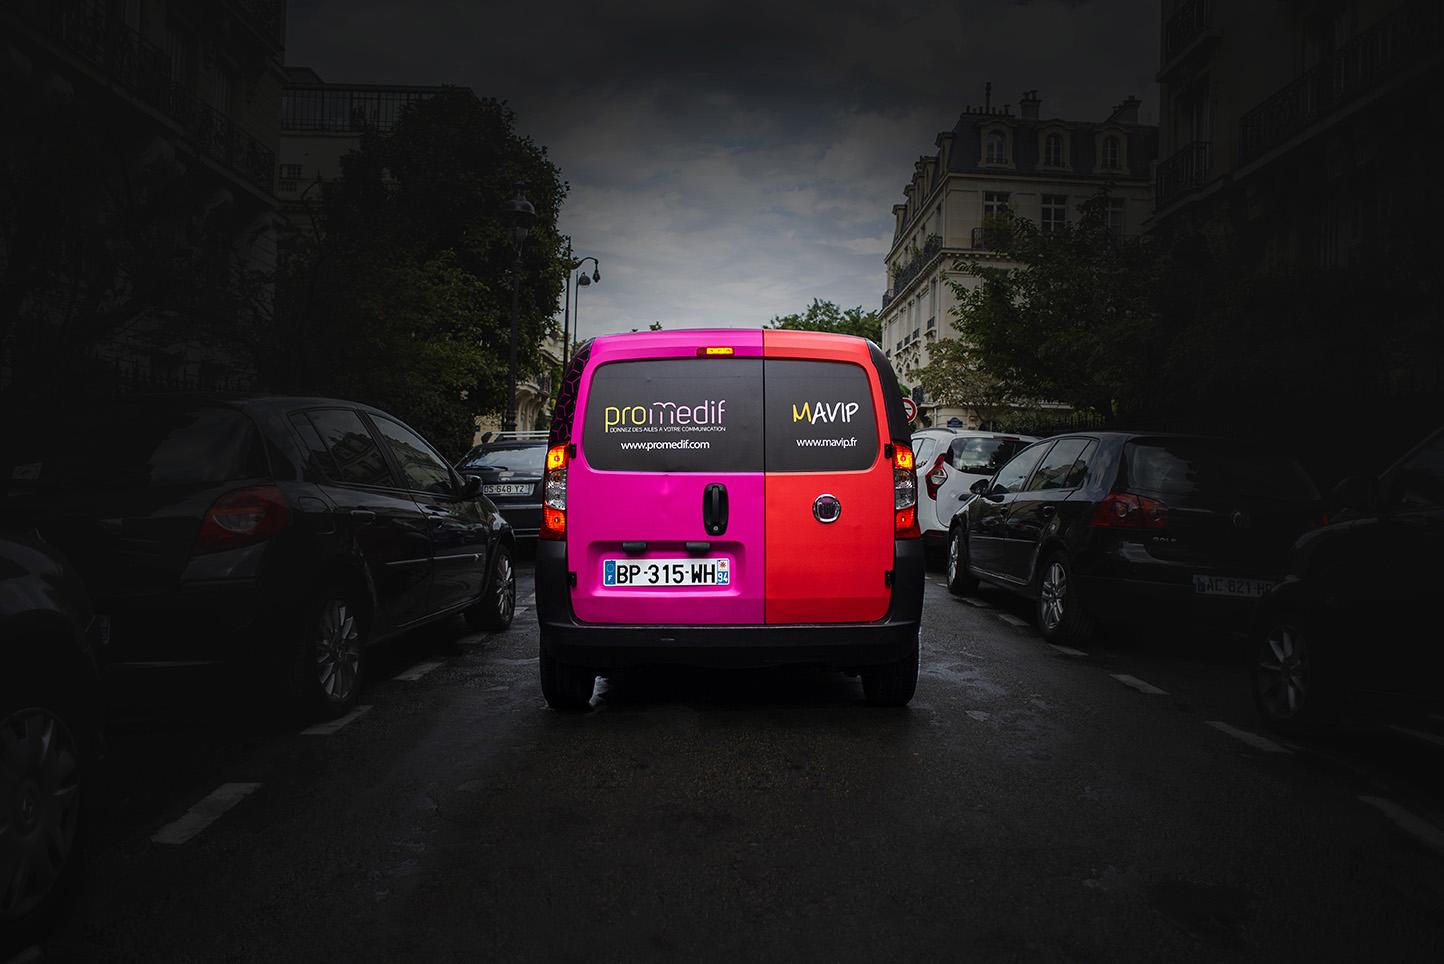 La voiture des objets médias publicitaires by Mavip